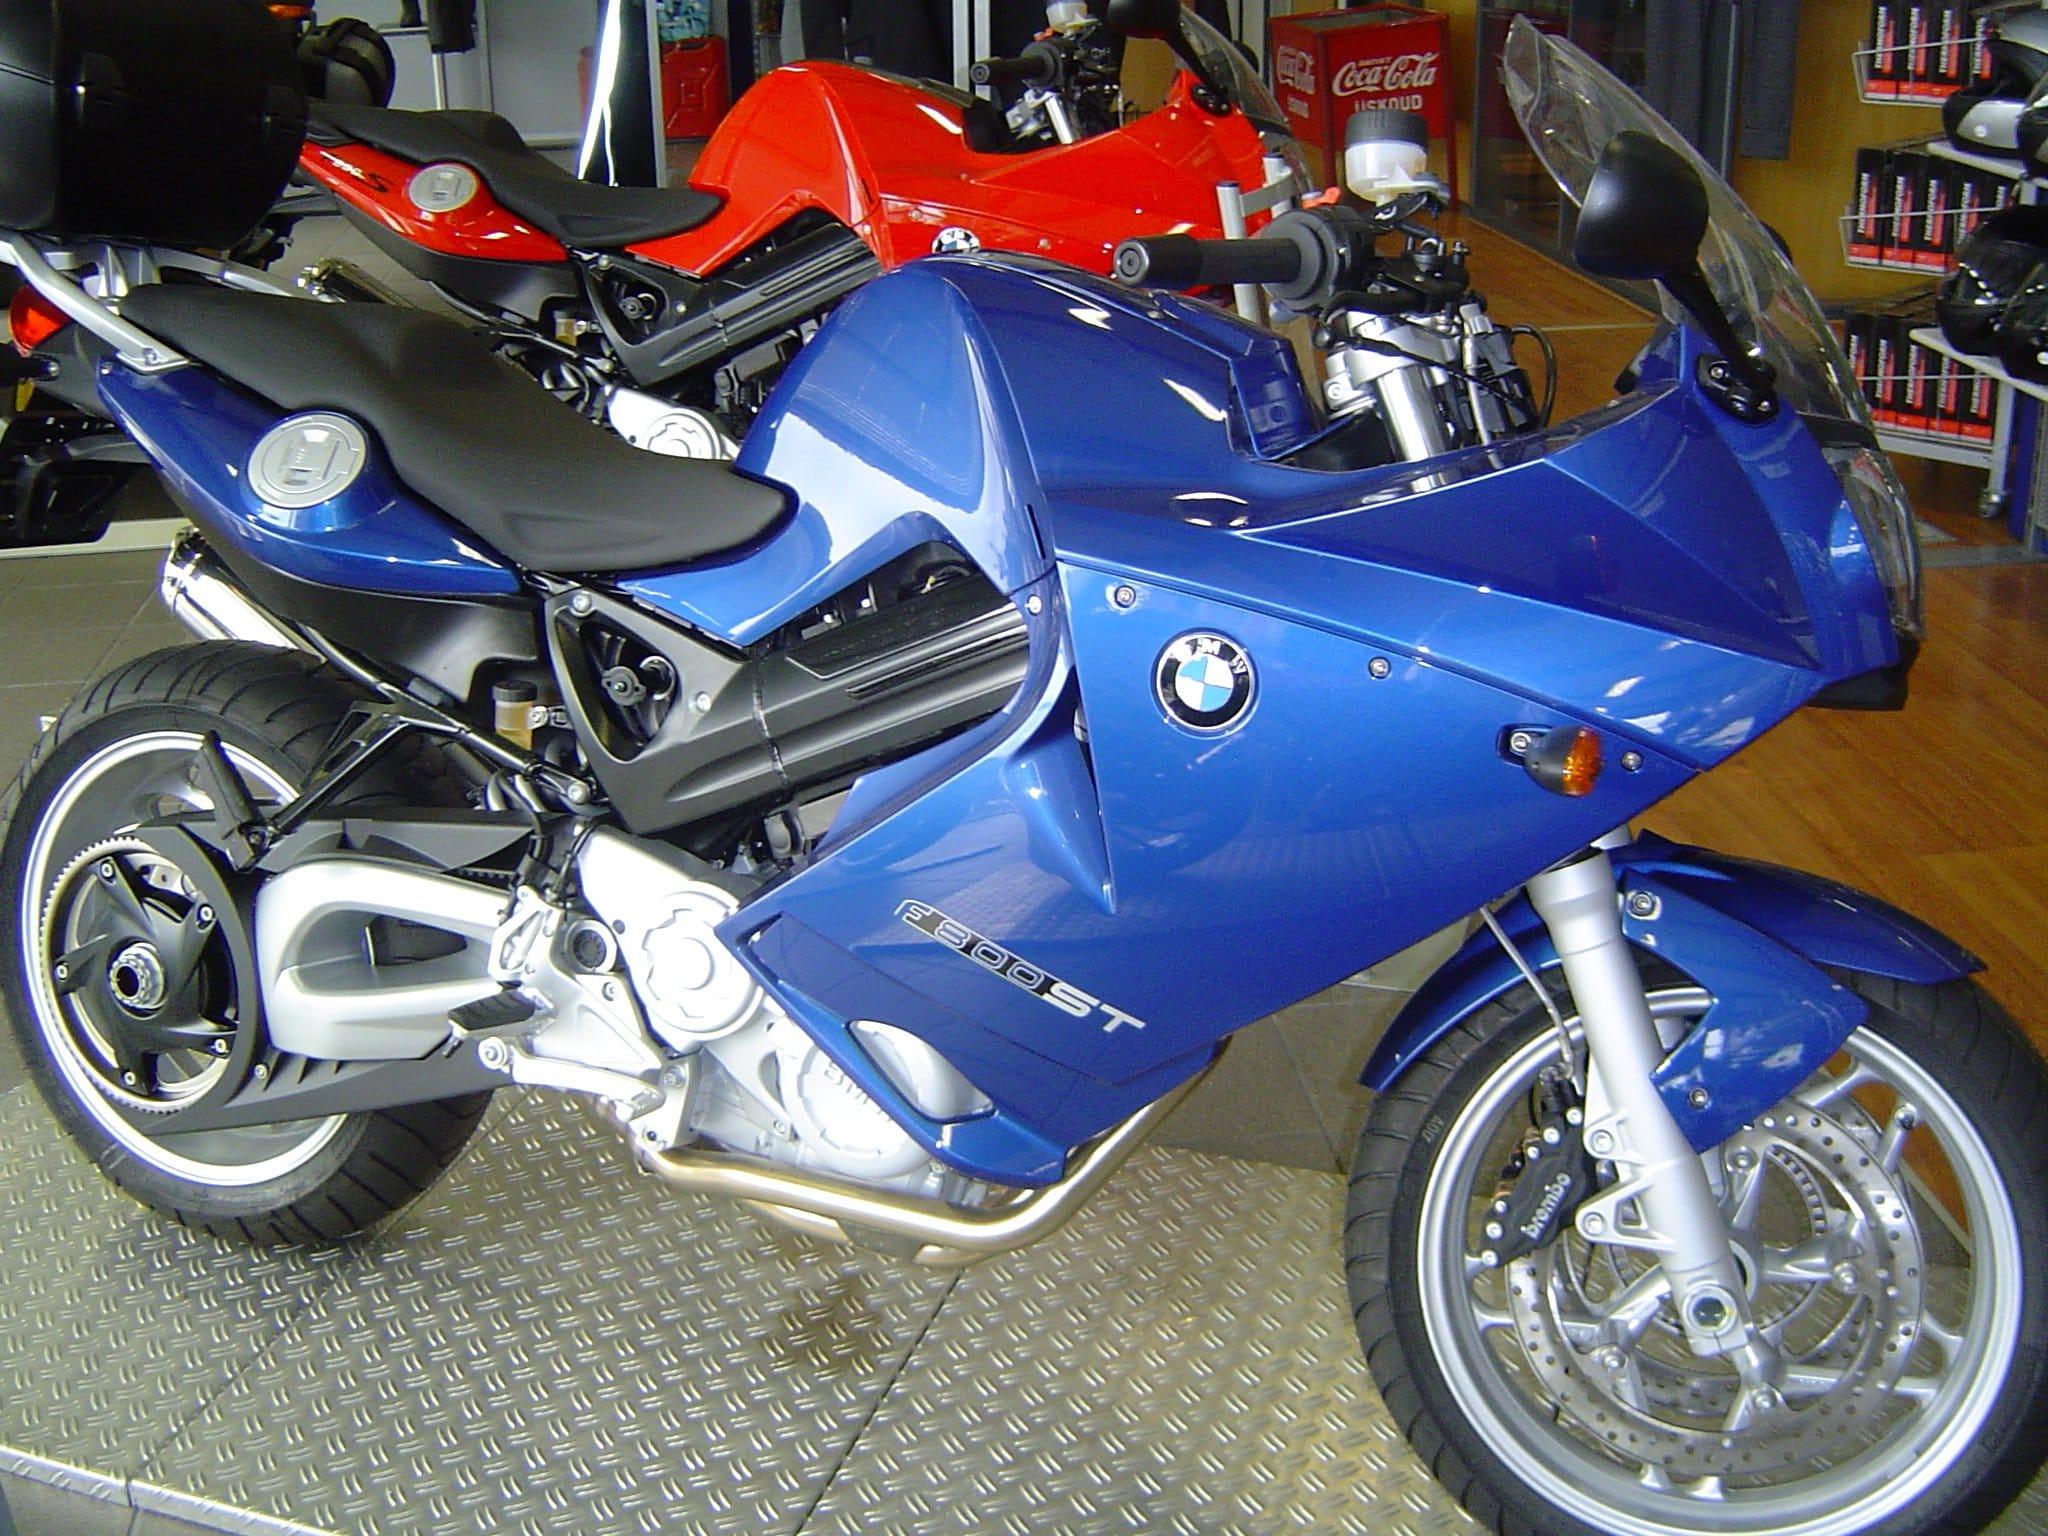 BMW F800ST 2007